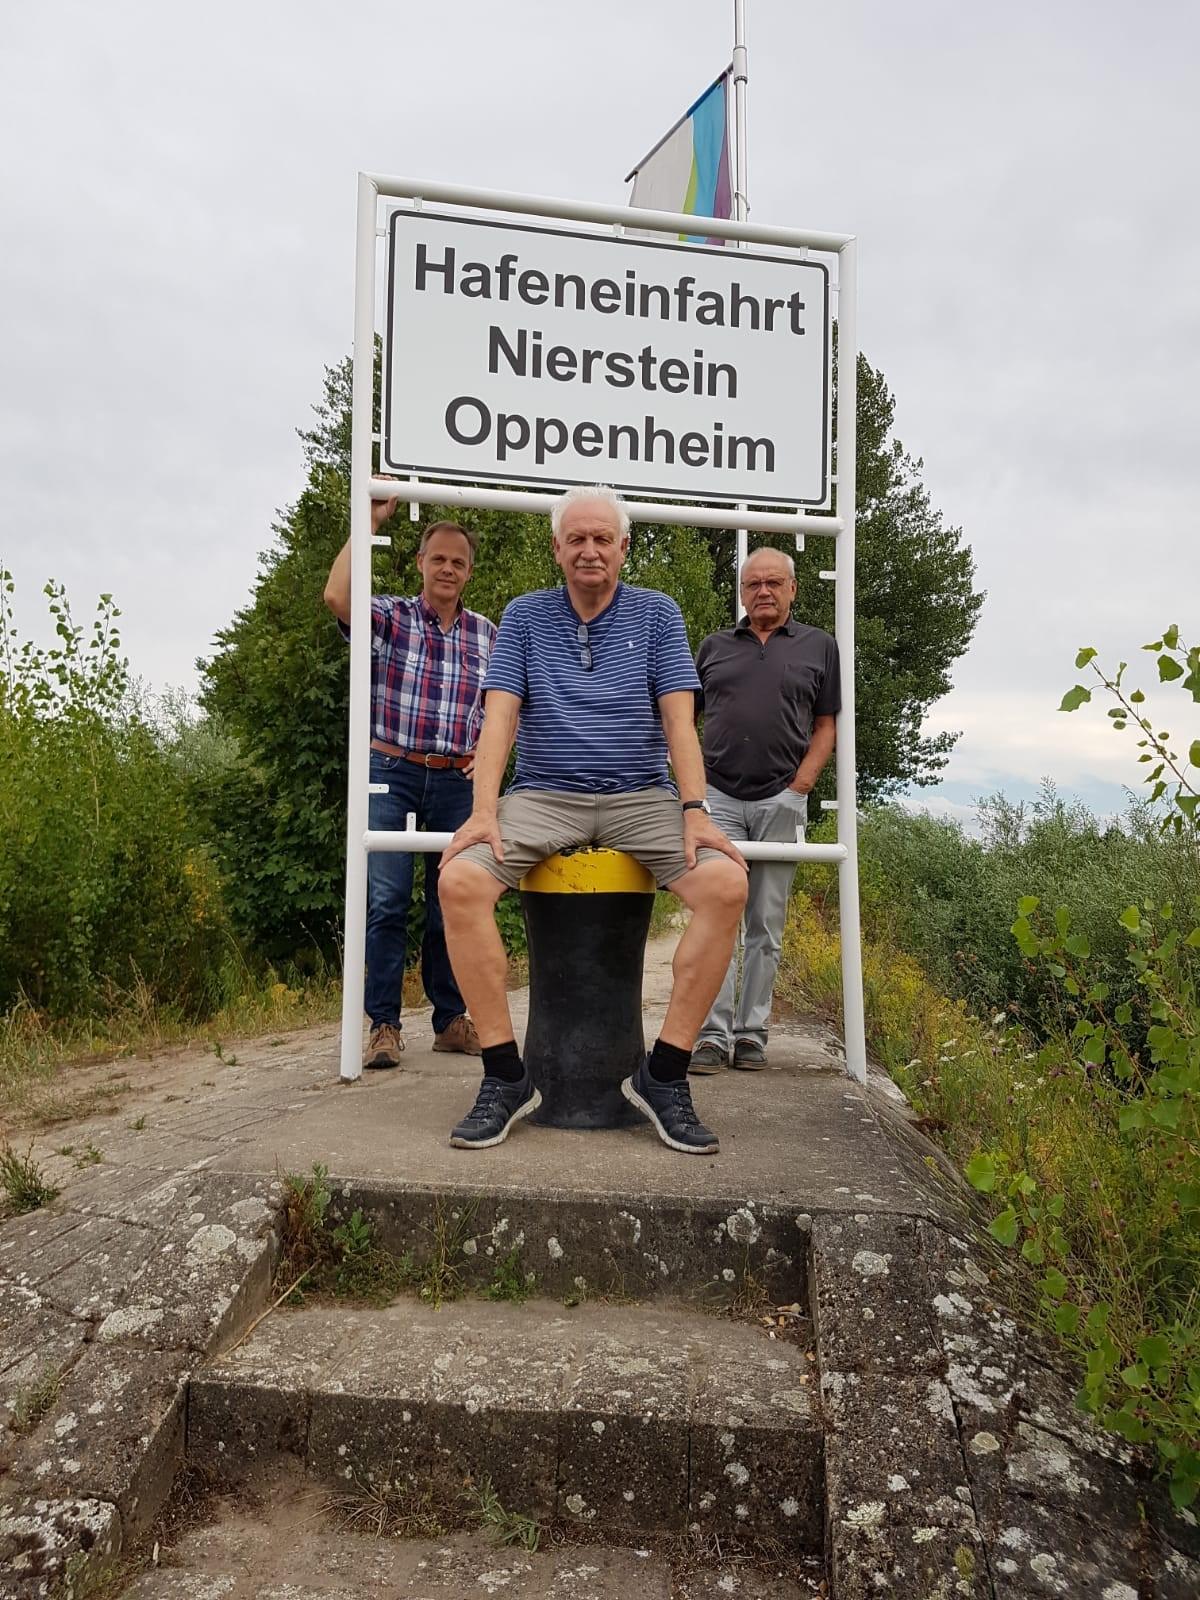 Foto (von links nach rechts): Stadtbürgermeister Jürgen Schmitt, Initiator Hans-Peter Hexemer, Stadtbürgermeister Walter Jertz